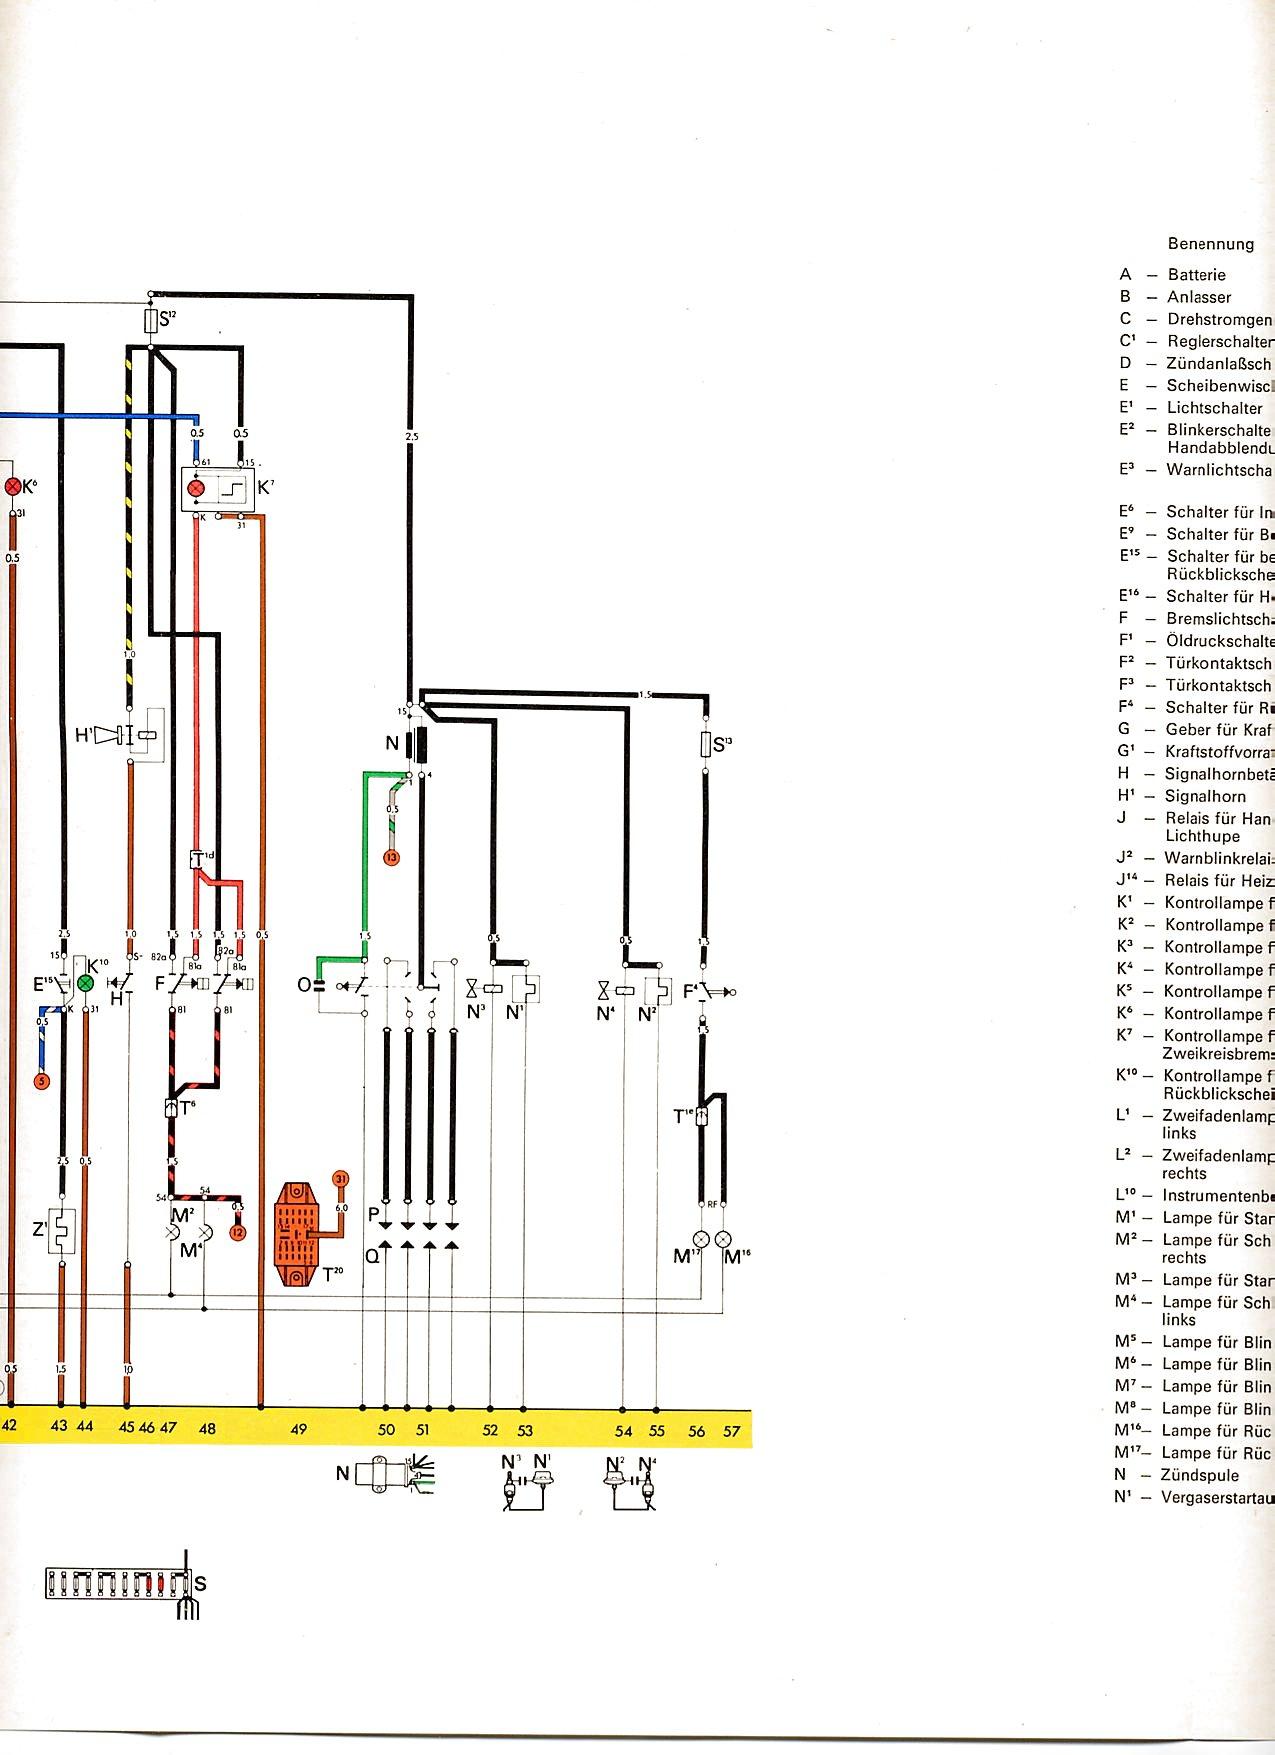 Tolle 72 Vw Schaltplan Fotos - Elektrische Schaltplan-Ideen ...